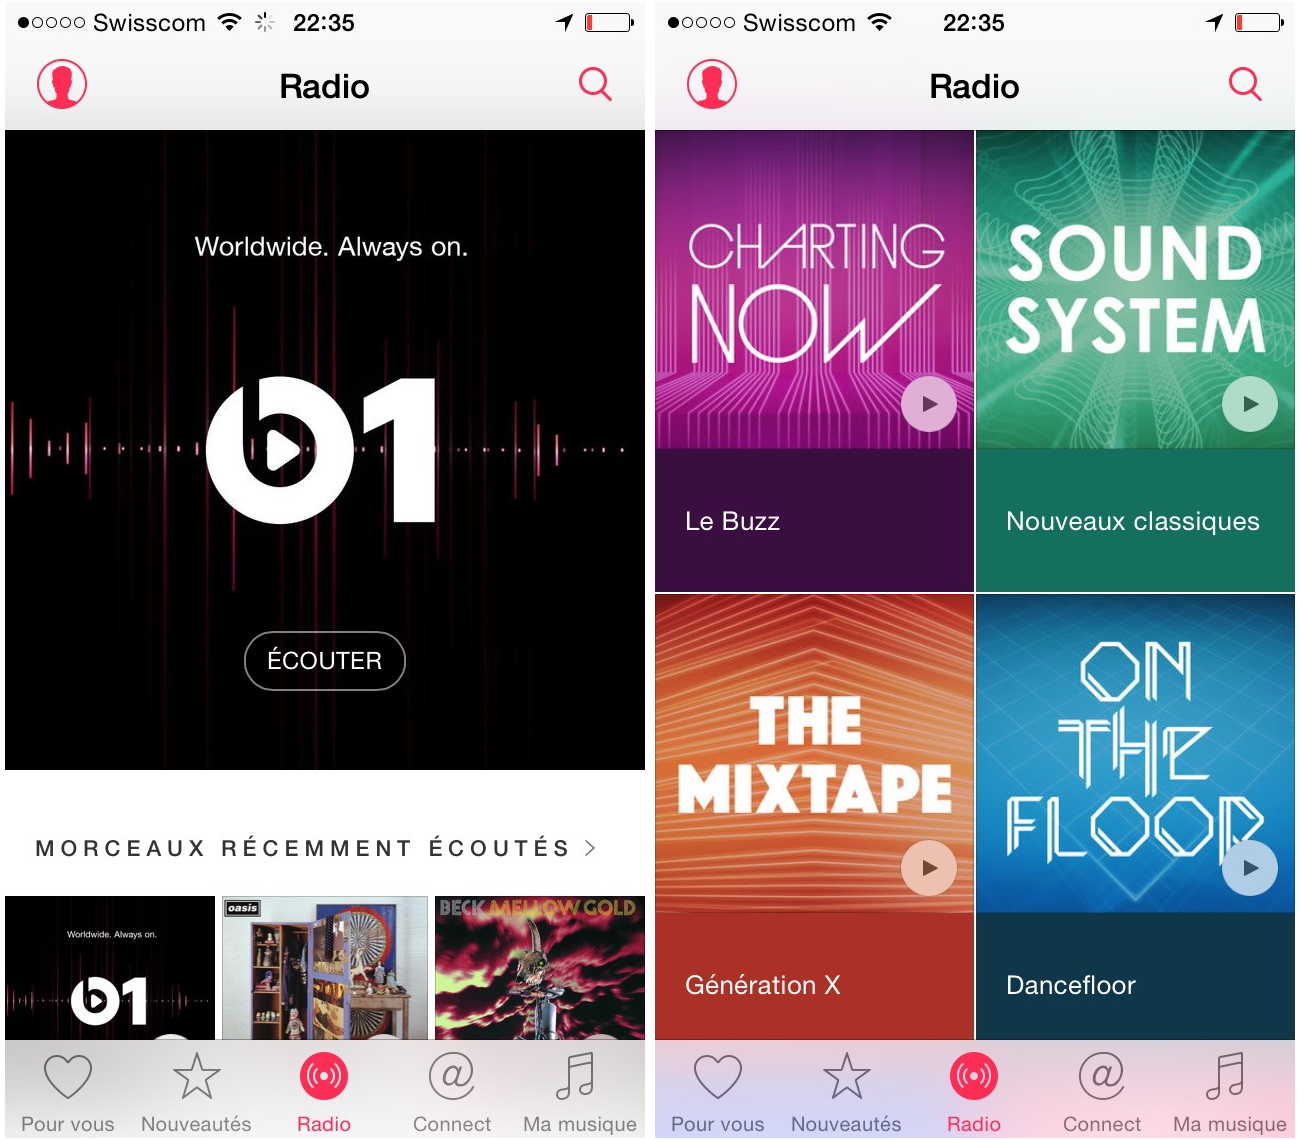 Apple music mon avis apr s 2 semaines d utilisation for Menu pour un soir entre amis